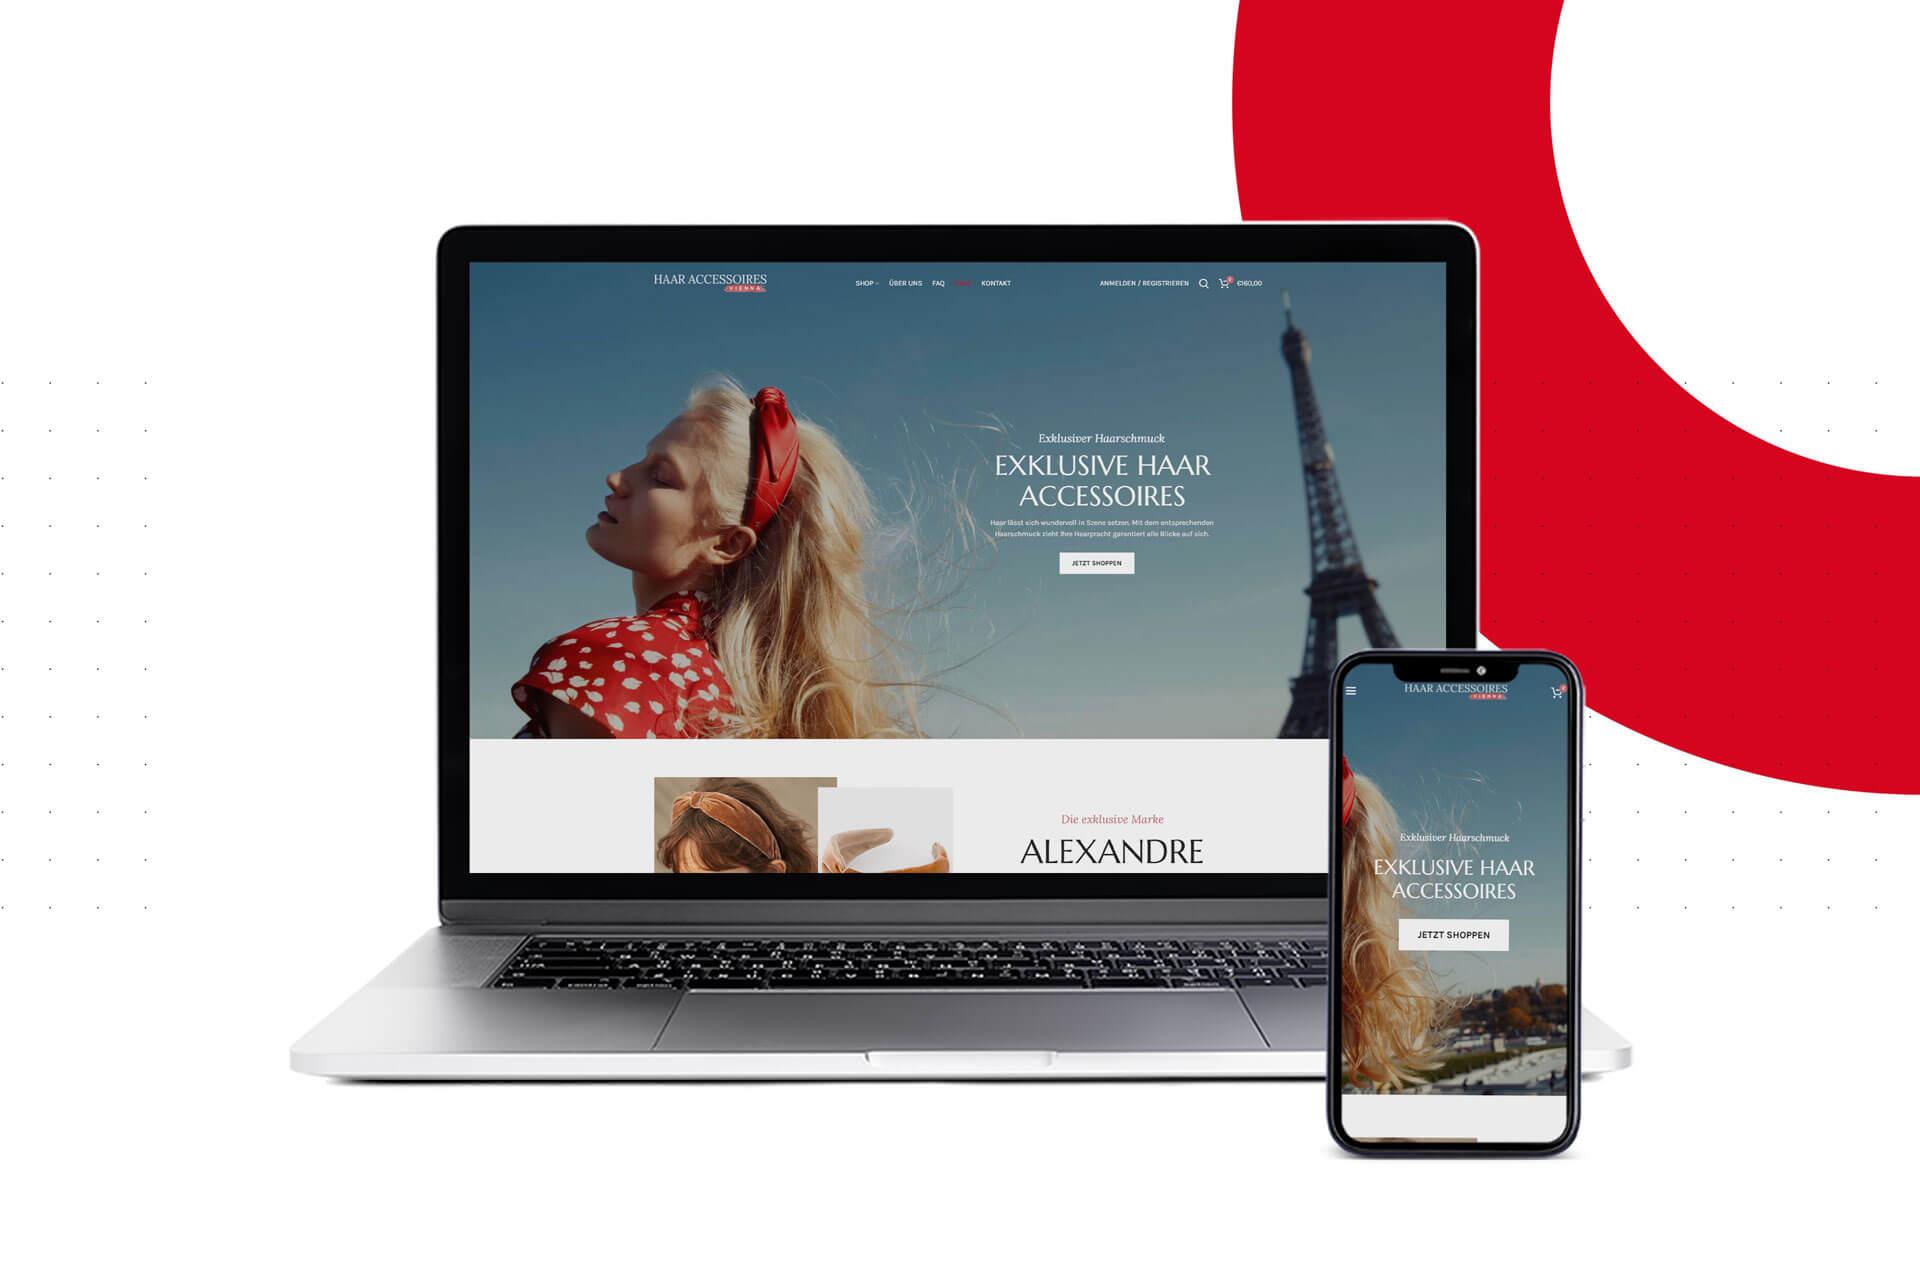 Haar-Accessoires-Onlineshop-Projekt-Redshaper